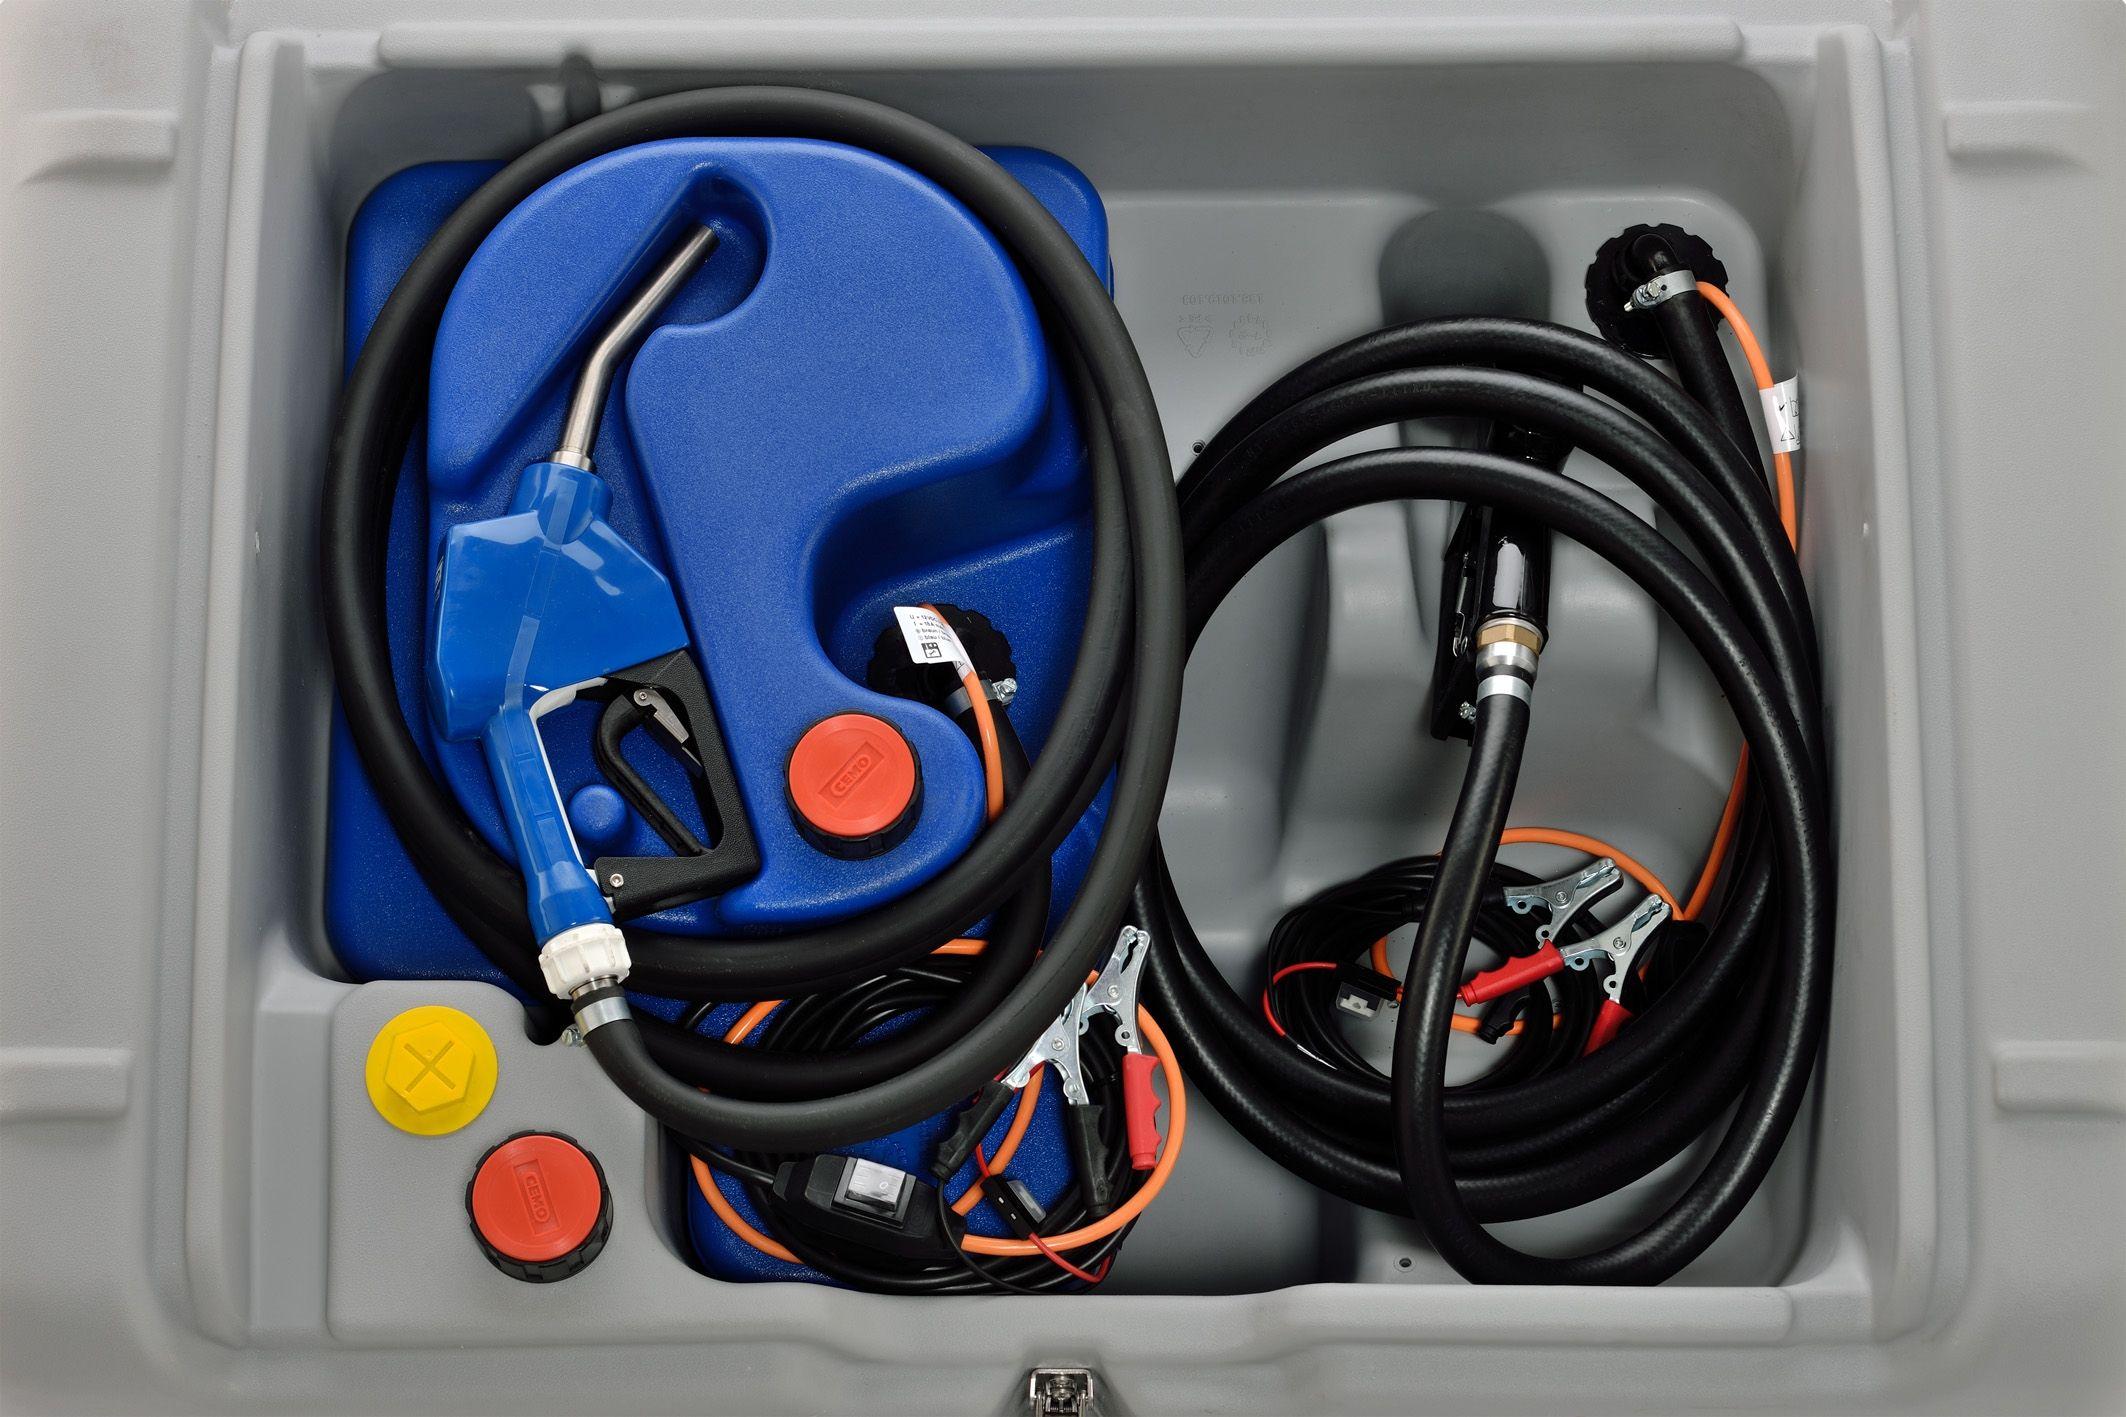 DT-Mobil Easy COMBI 440/50 l, CENTRI SP30